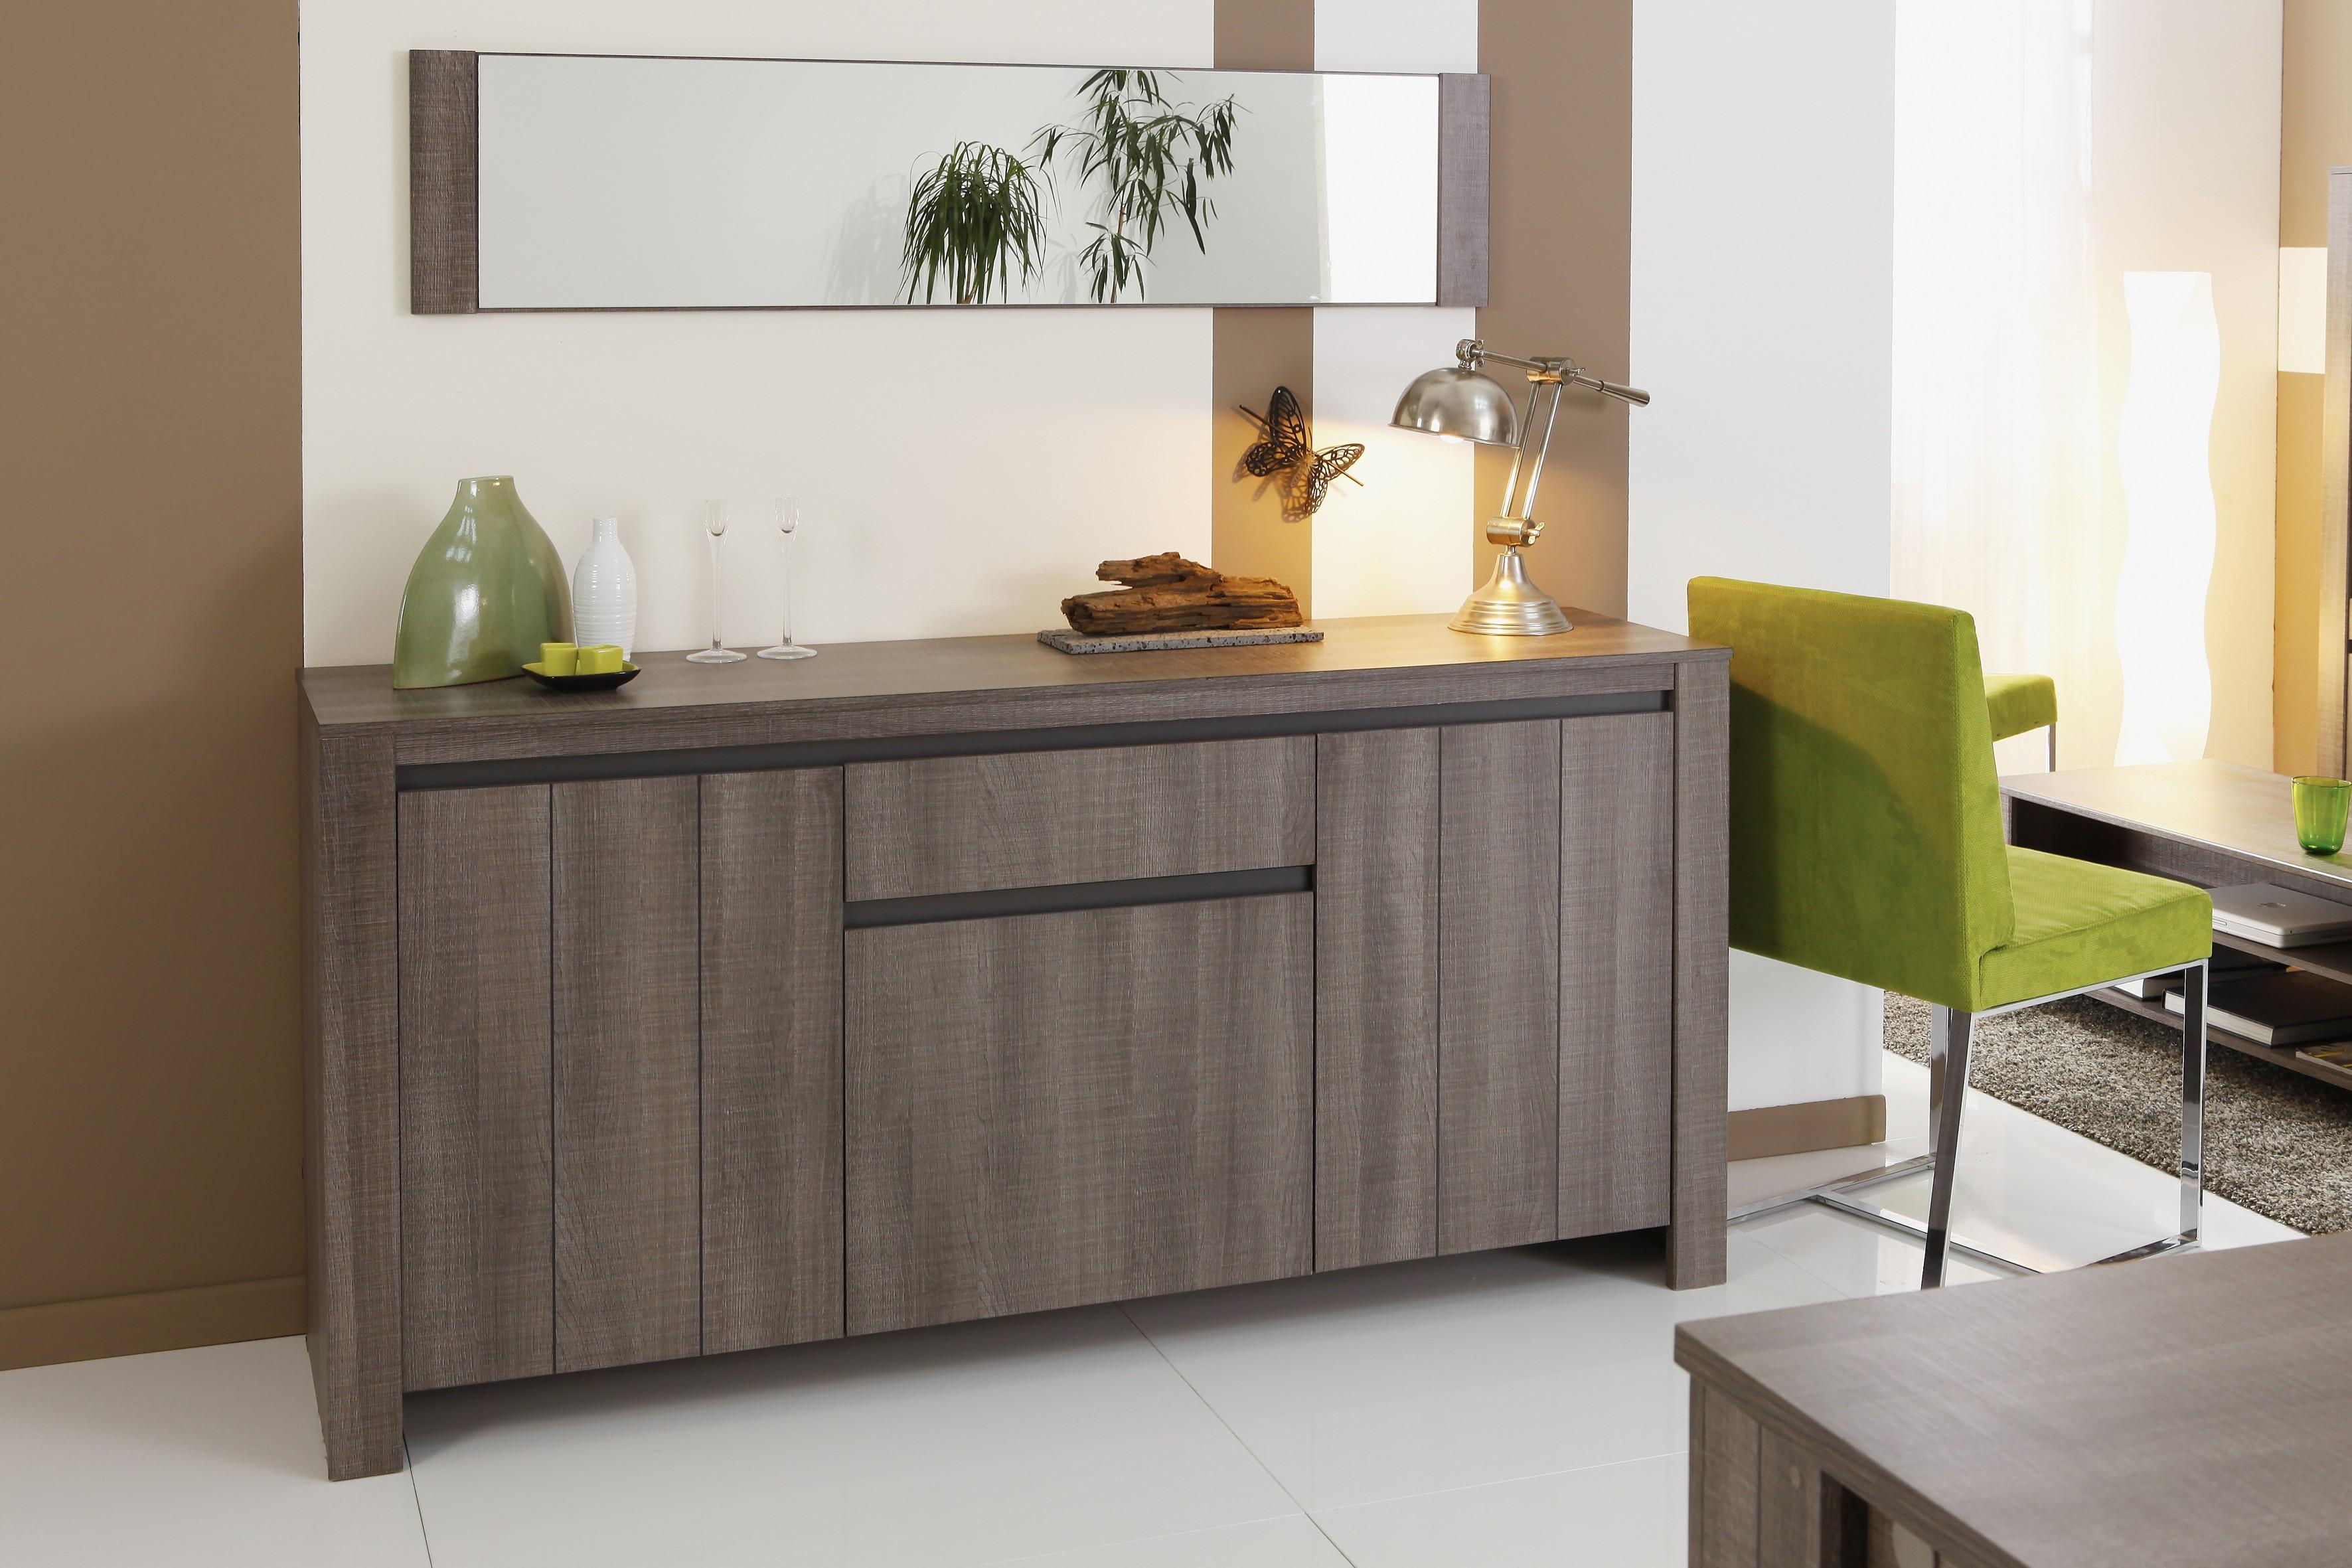 bahut enfilade intense 3 portes 3 portes 1 t prix discount. Black Bedroom Furniture Sets. Home Design Ideas